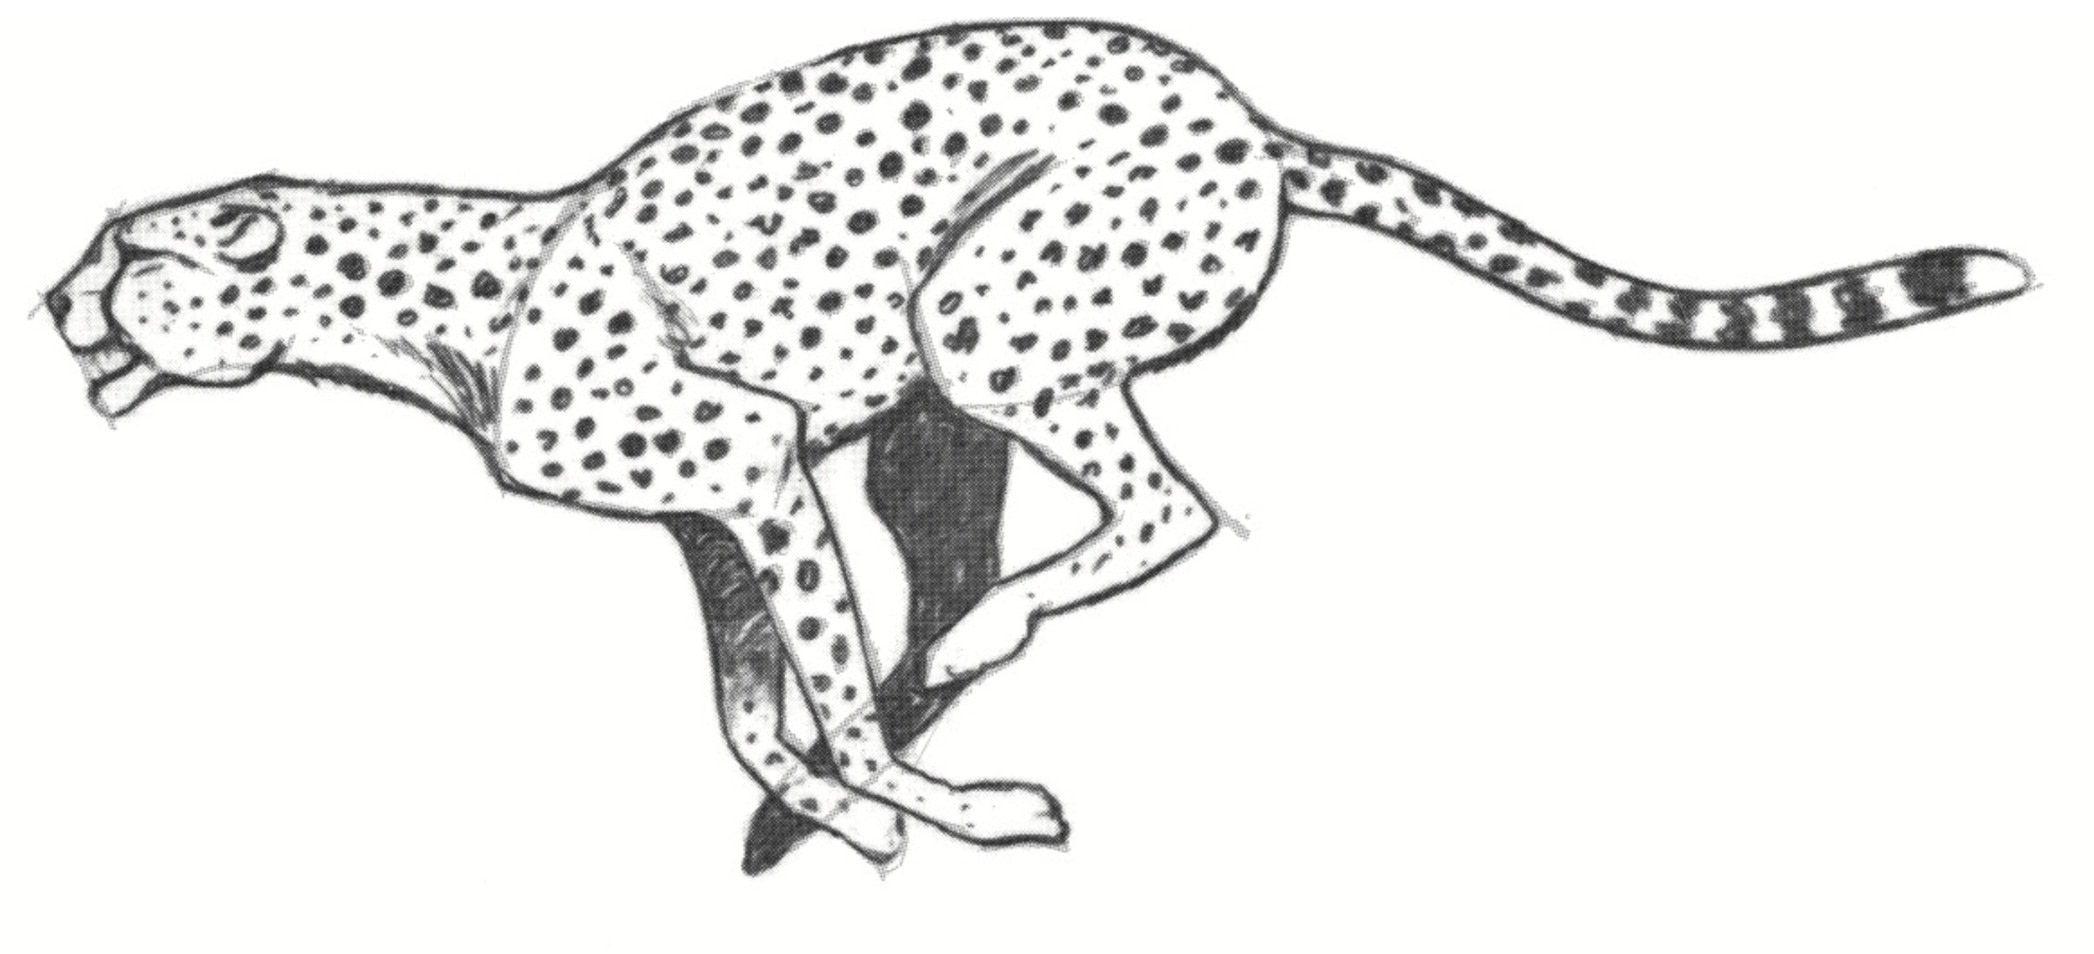 Draw A Cheetah In 2020 Cheetah Drawing Big Cats Art Animal Drawings